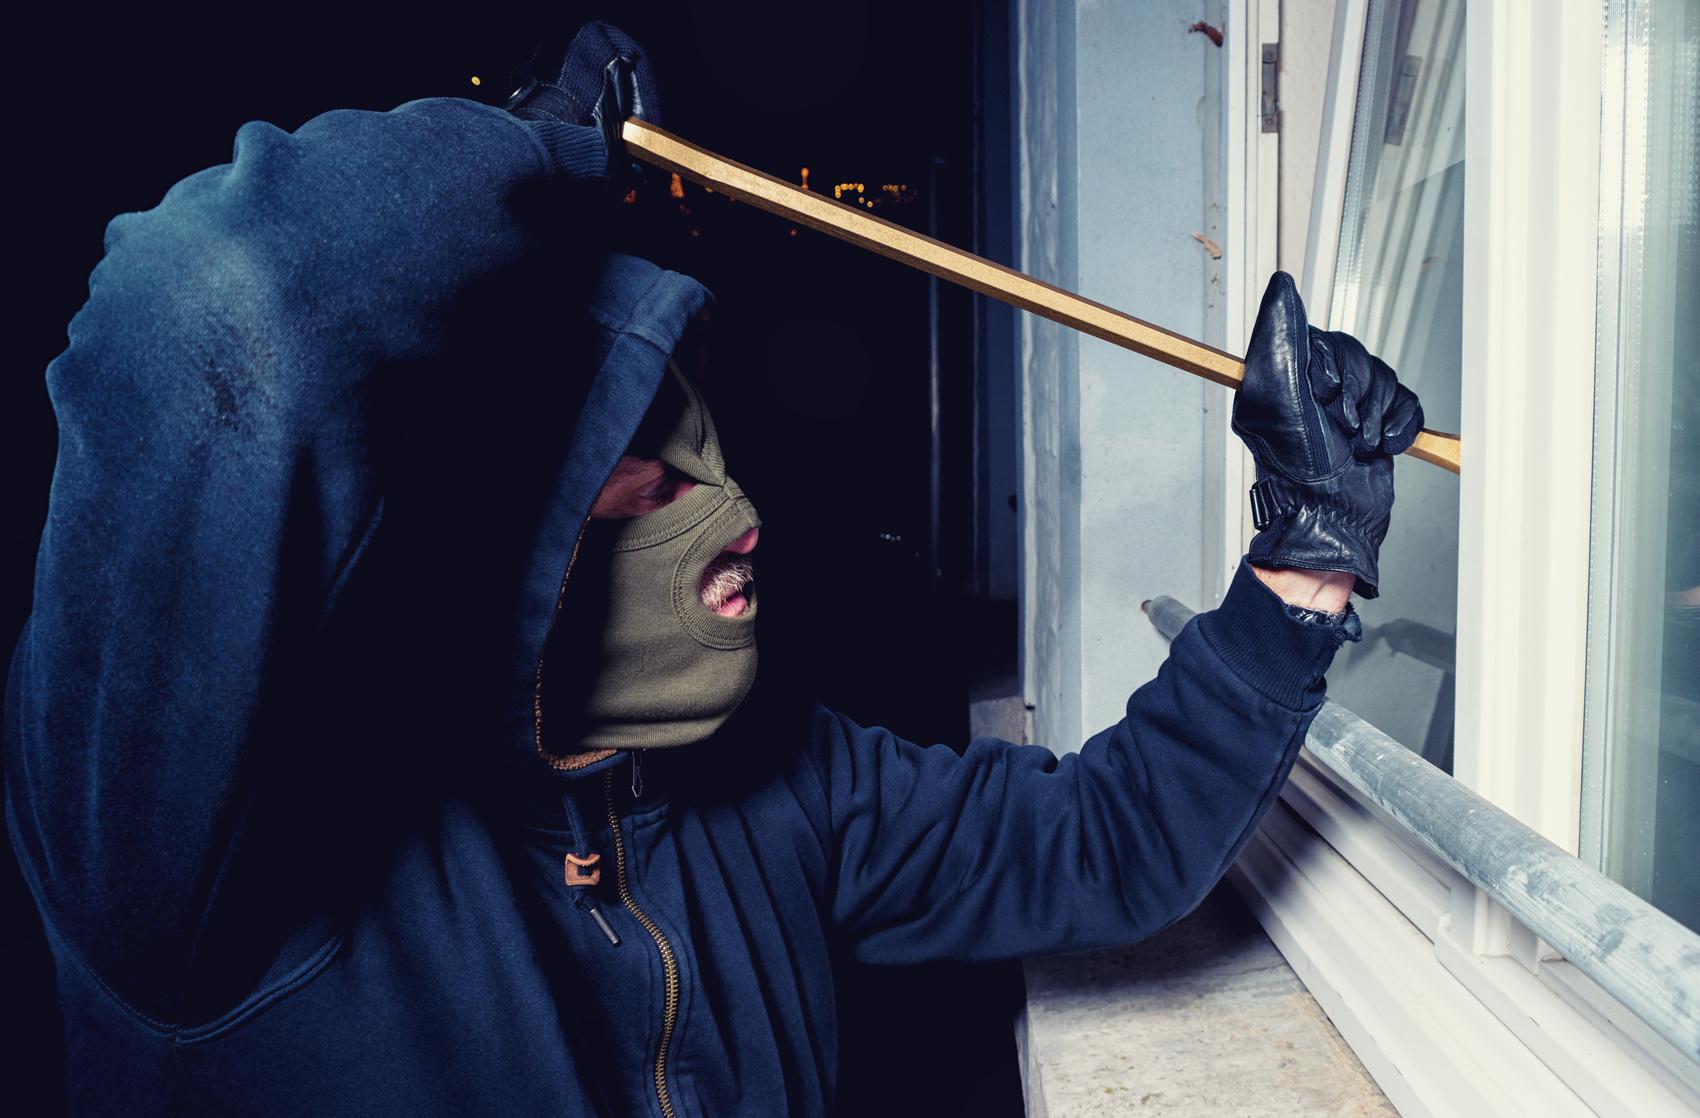 Bizarrer Einbruch Täter bleibt stundenlang im Haus, kocht und masturbiert